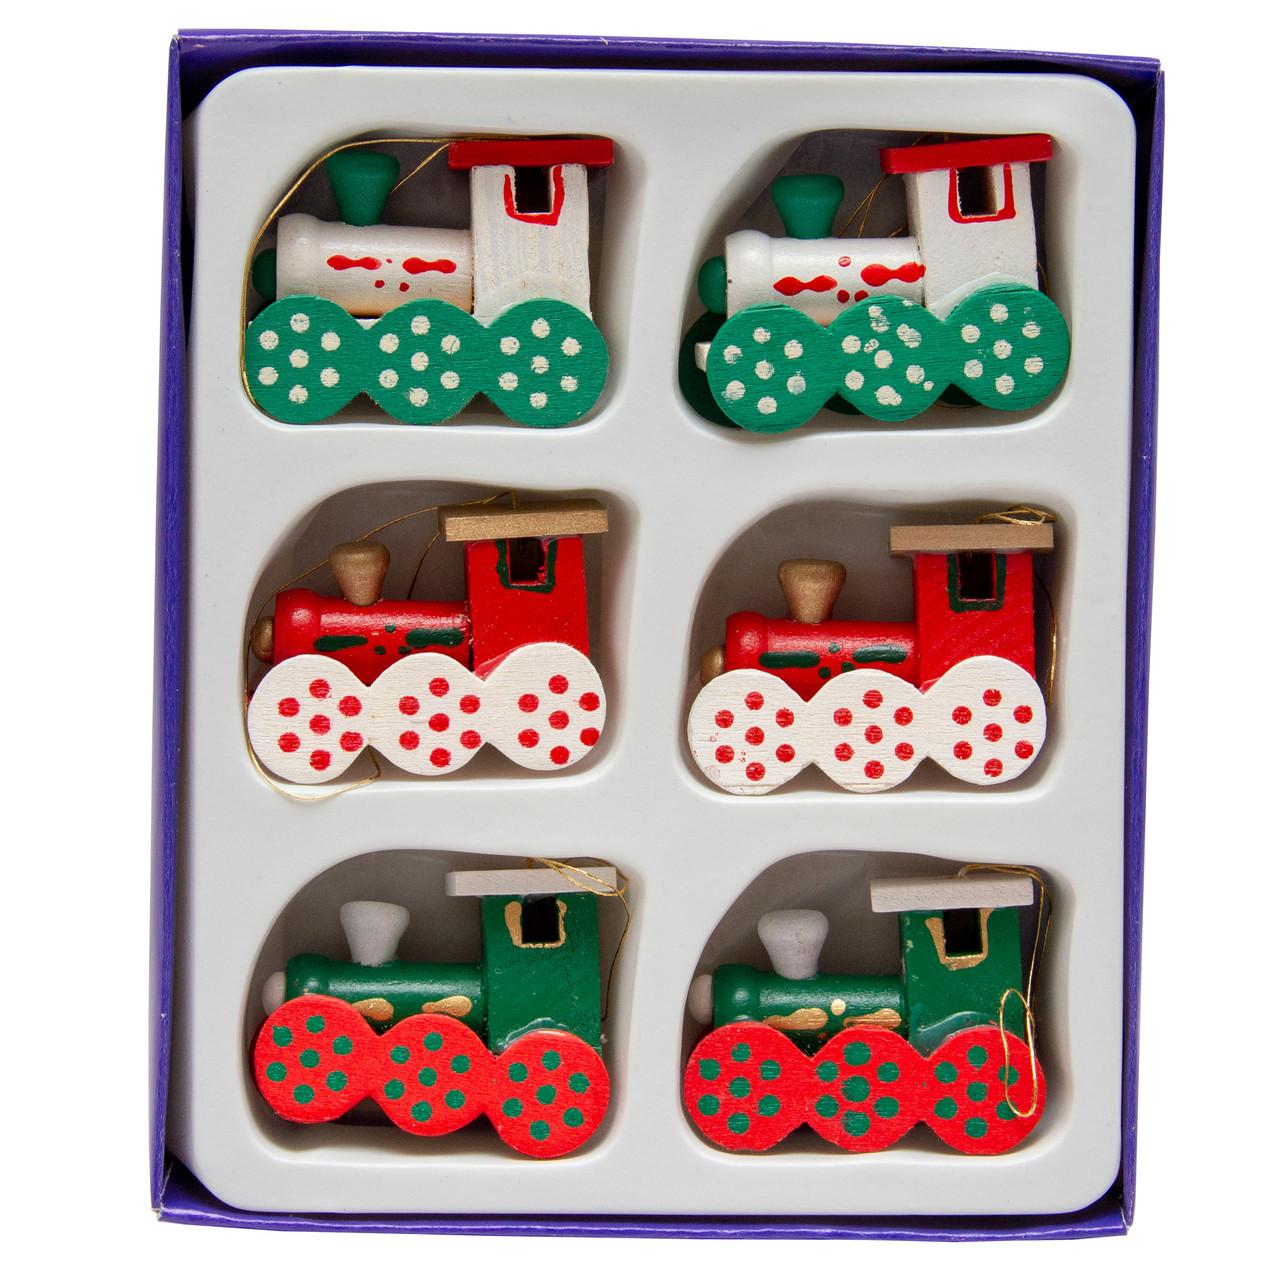 Набор елочных игрушек - деревянные паровозики, 6 шт, 11*14 см, разноцветный, дерево (060290)